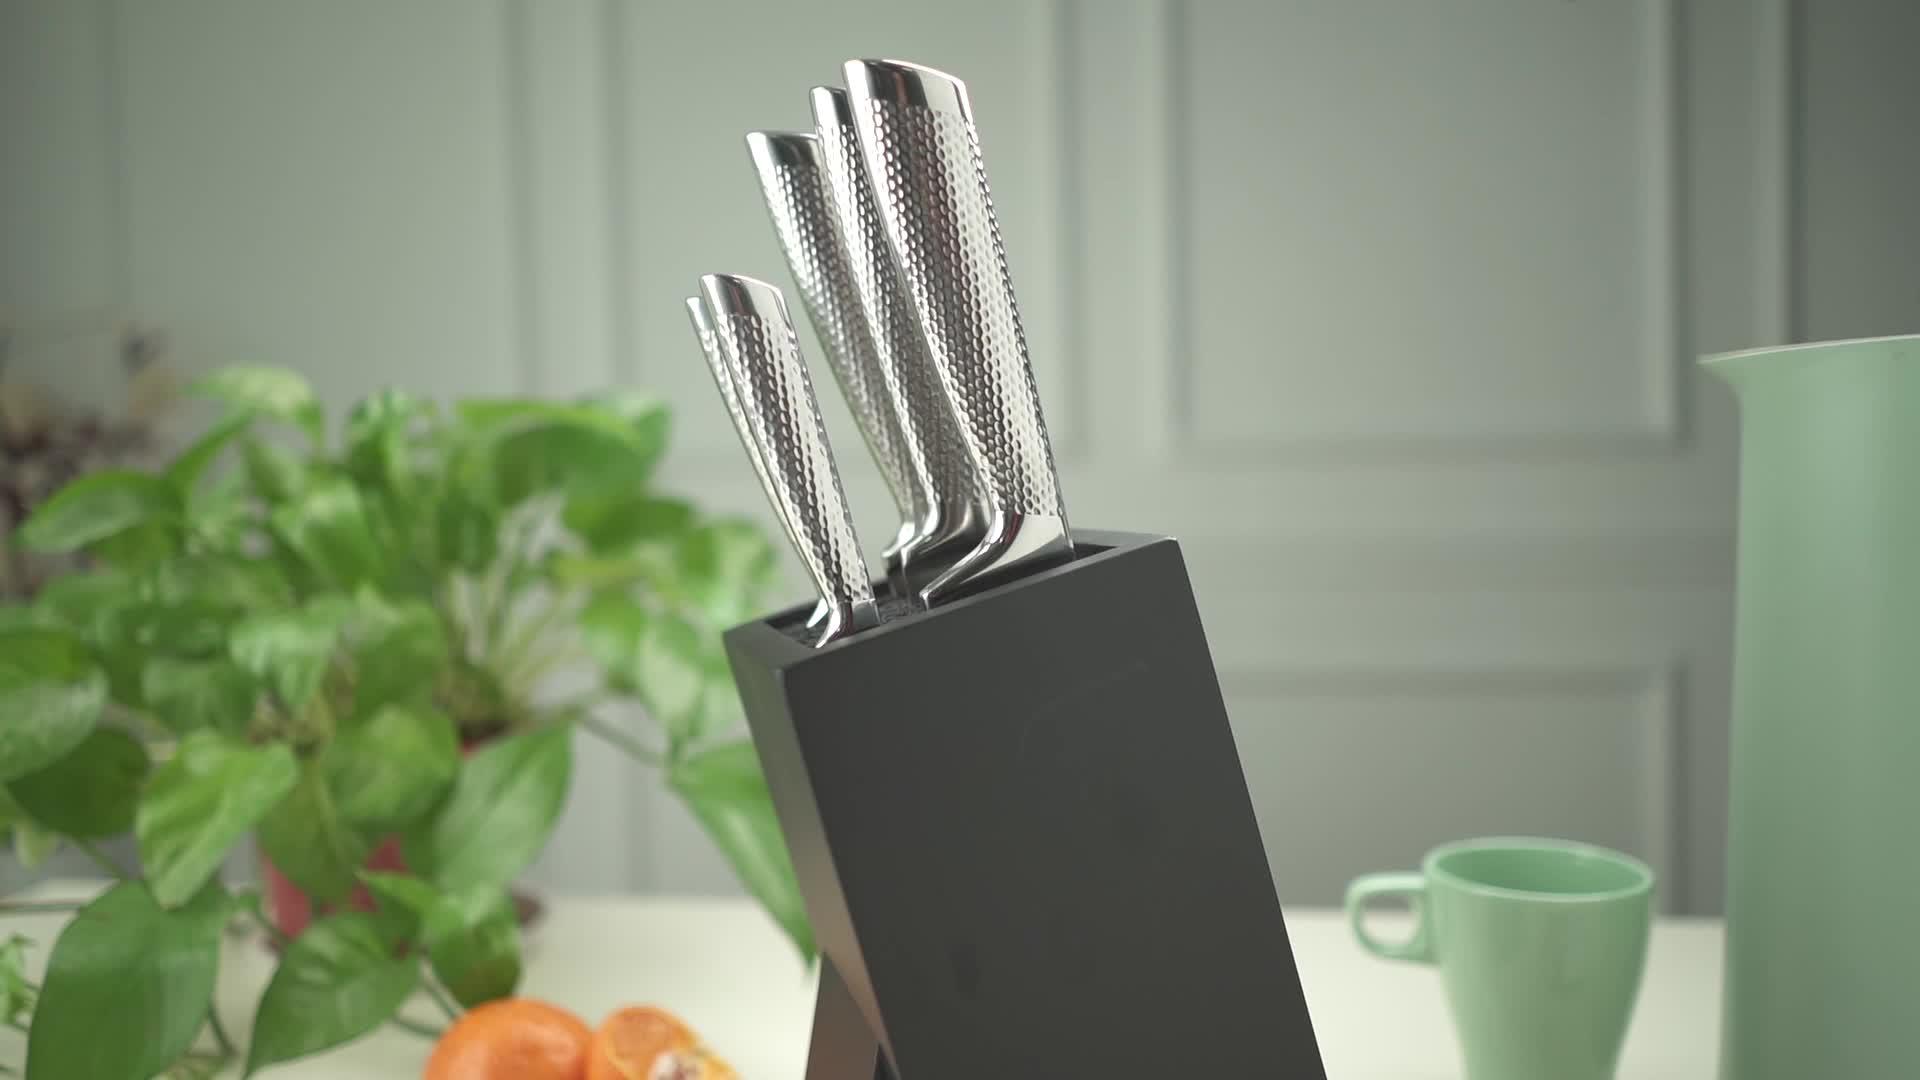 Professionelles 6-teiliges Messerset mit Holzblock Deutschland Besteck-Messerset aus hochwertigem Edelstahl